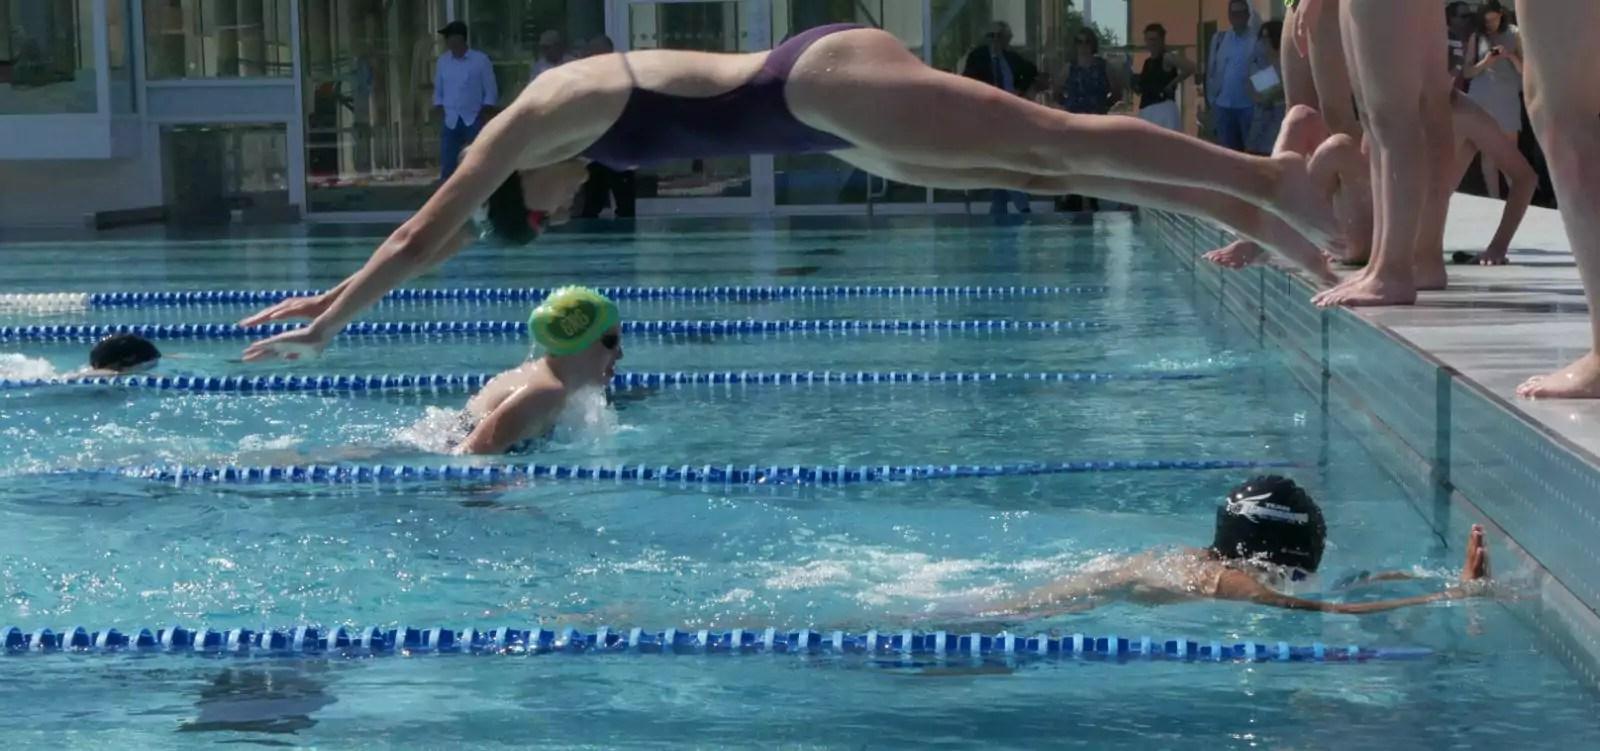 À Hautepierre, une piscine rénovée mais inachevée réouvre enfin